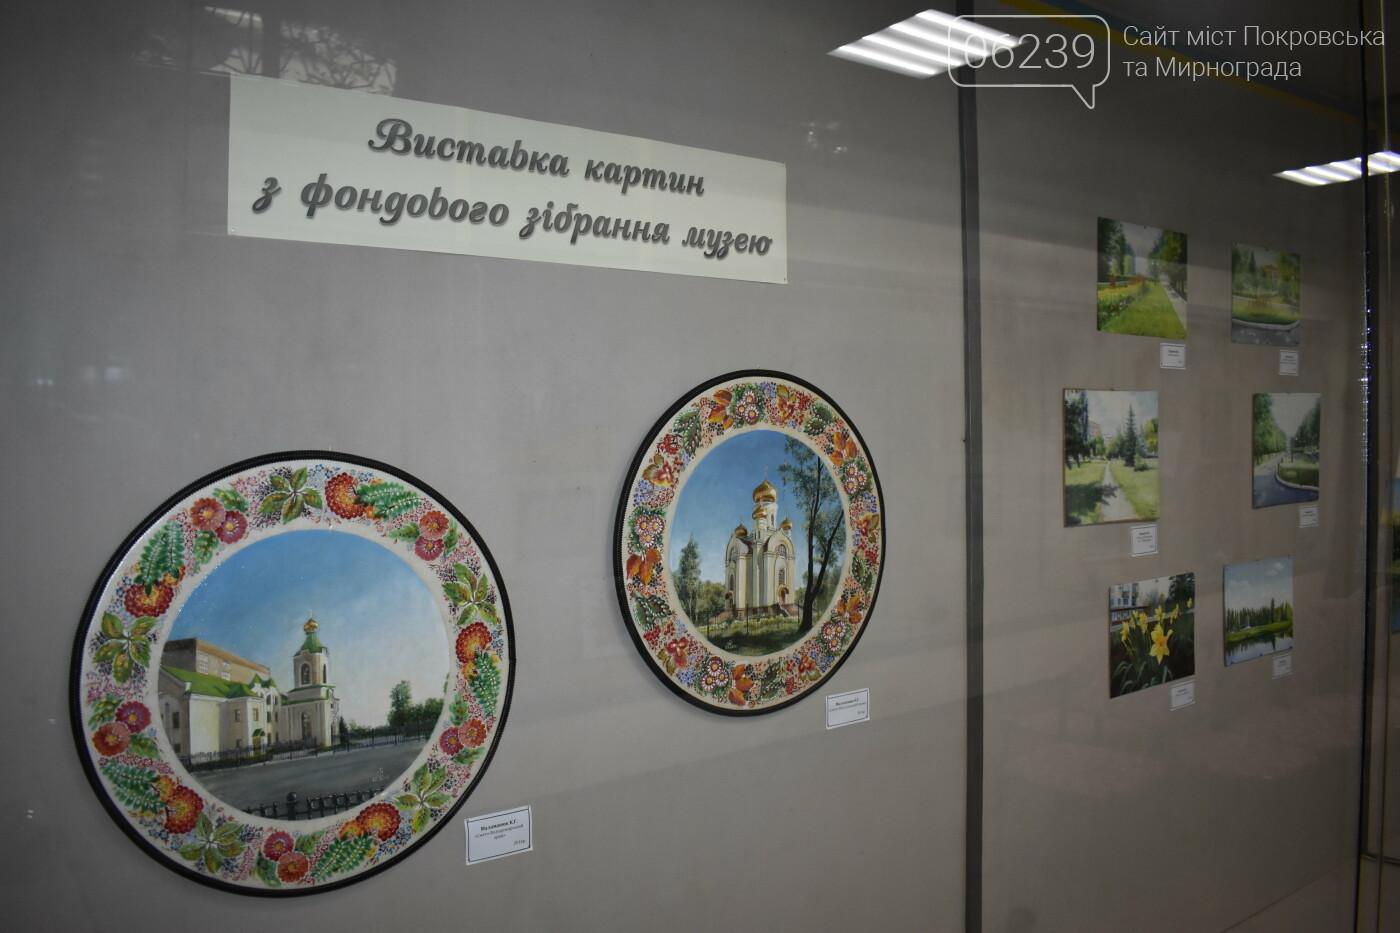 В Покровске прошла выставка картин из фондового собрания, фото-2